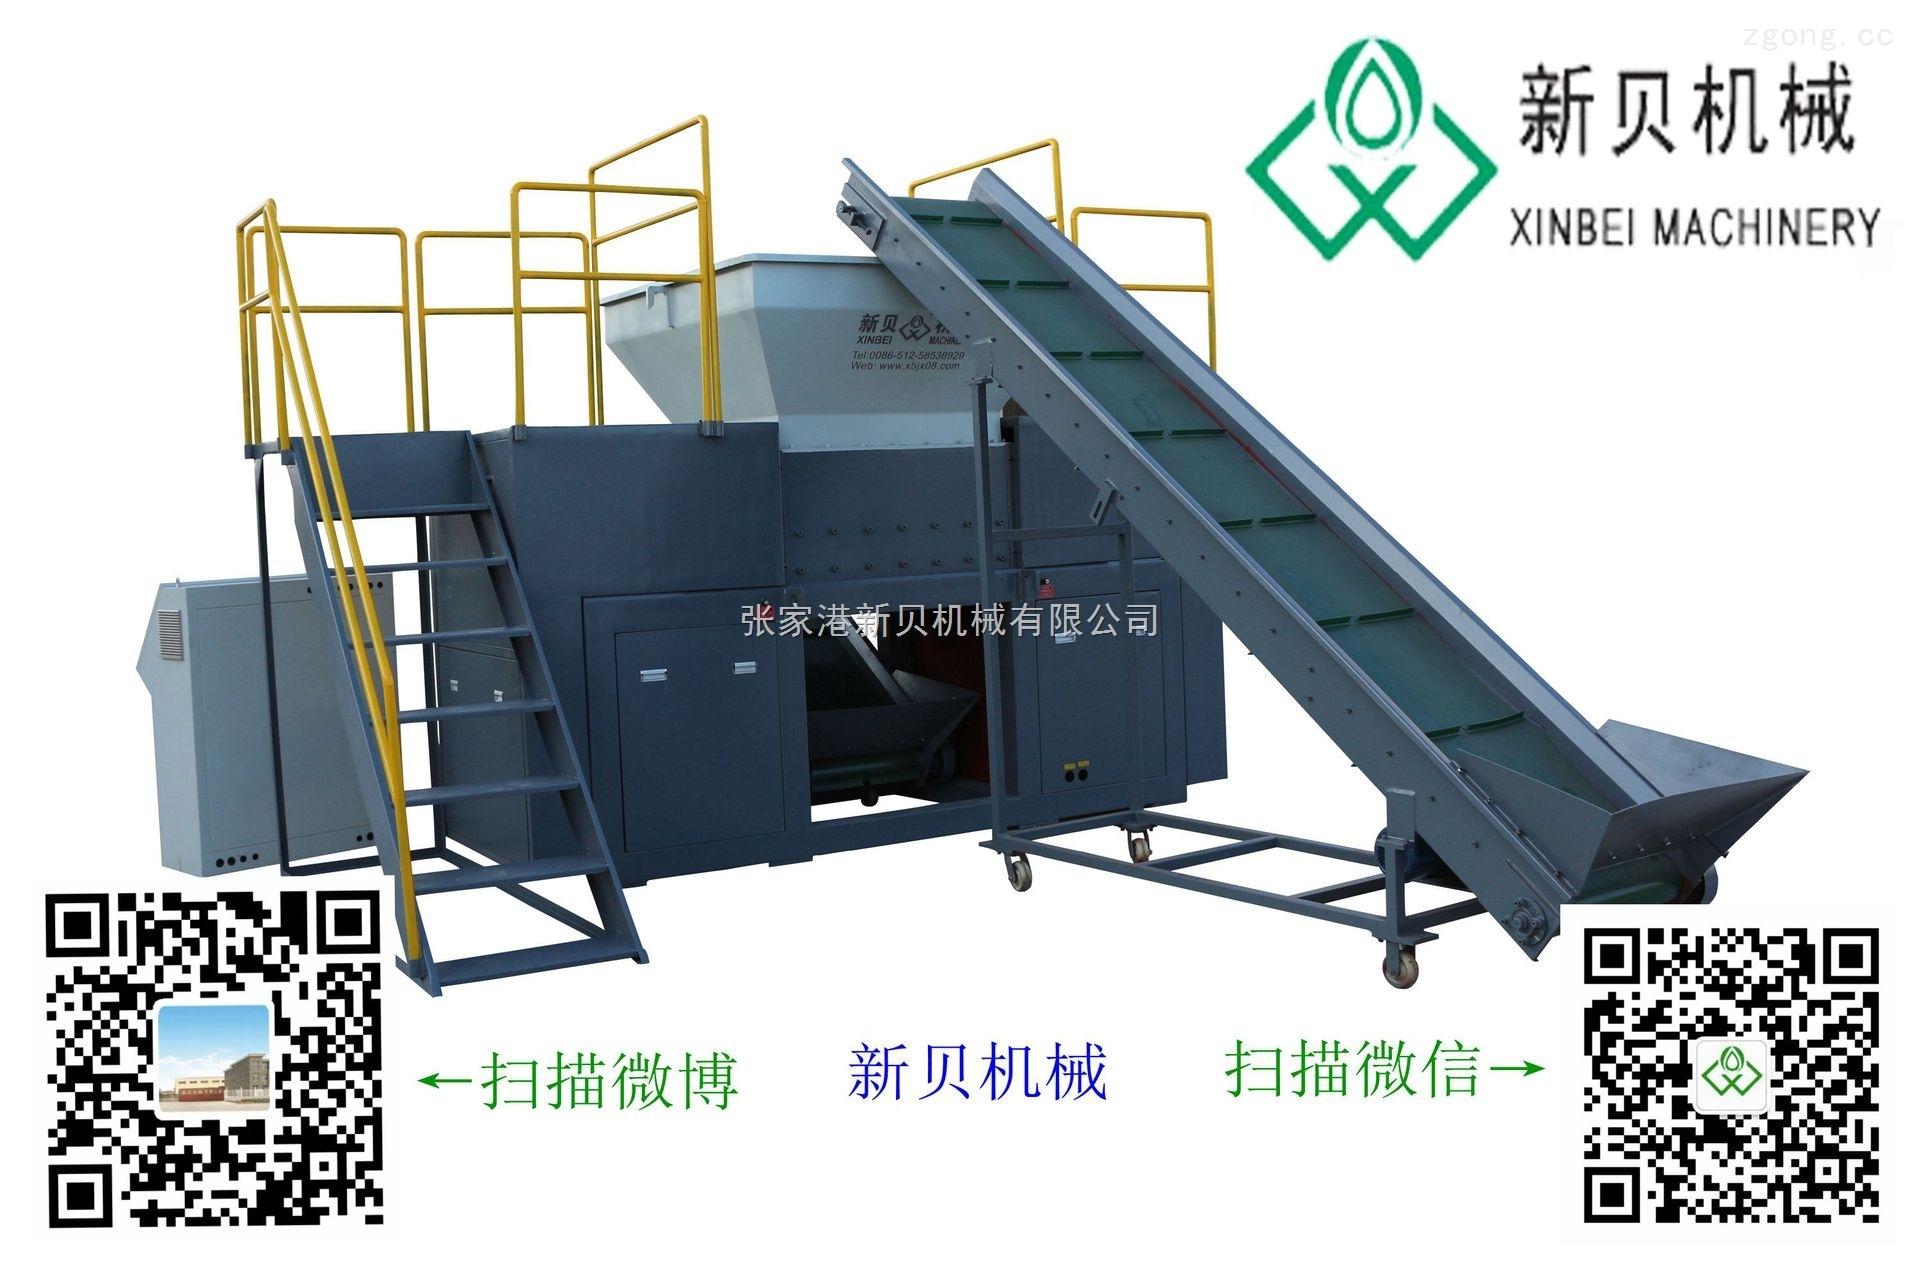 xb-大棚膜回收设备